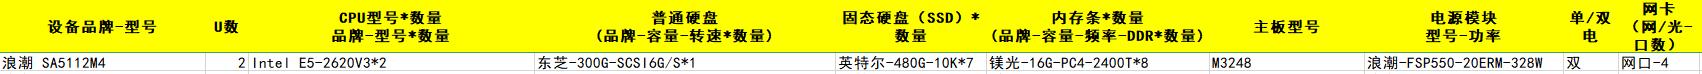 浪潮 SA5112M4 Intel E5-2620V3*2 东芝-300G-SCSI6G/S*1 镁光-16G-PC4-2400T*8